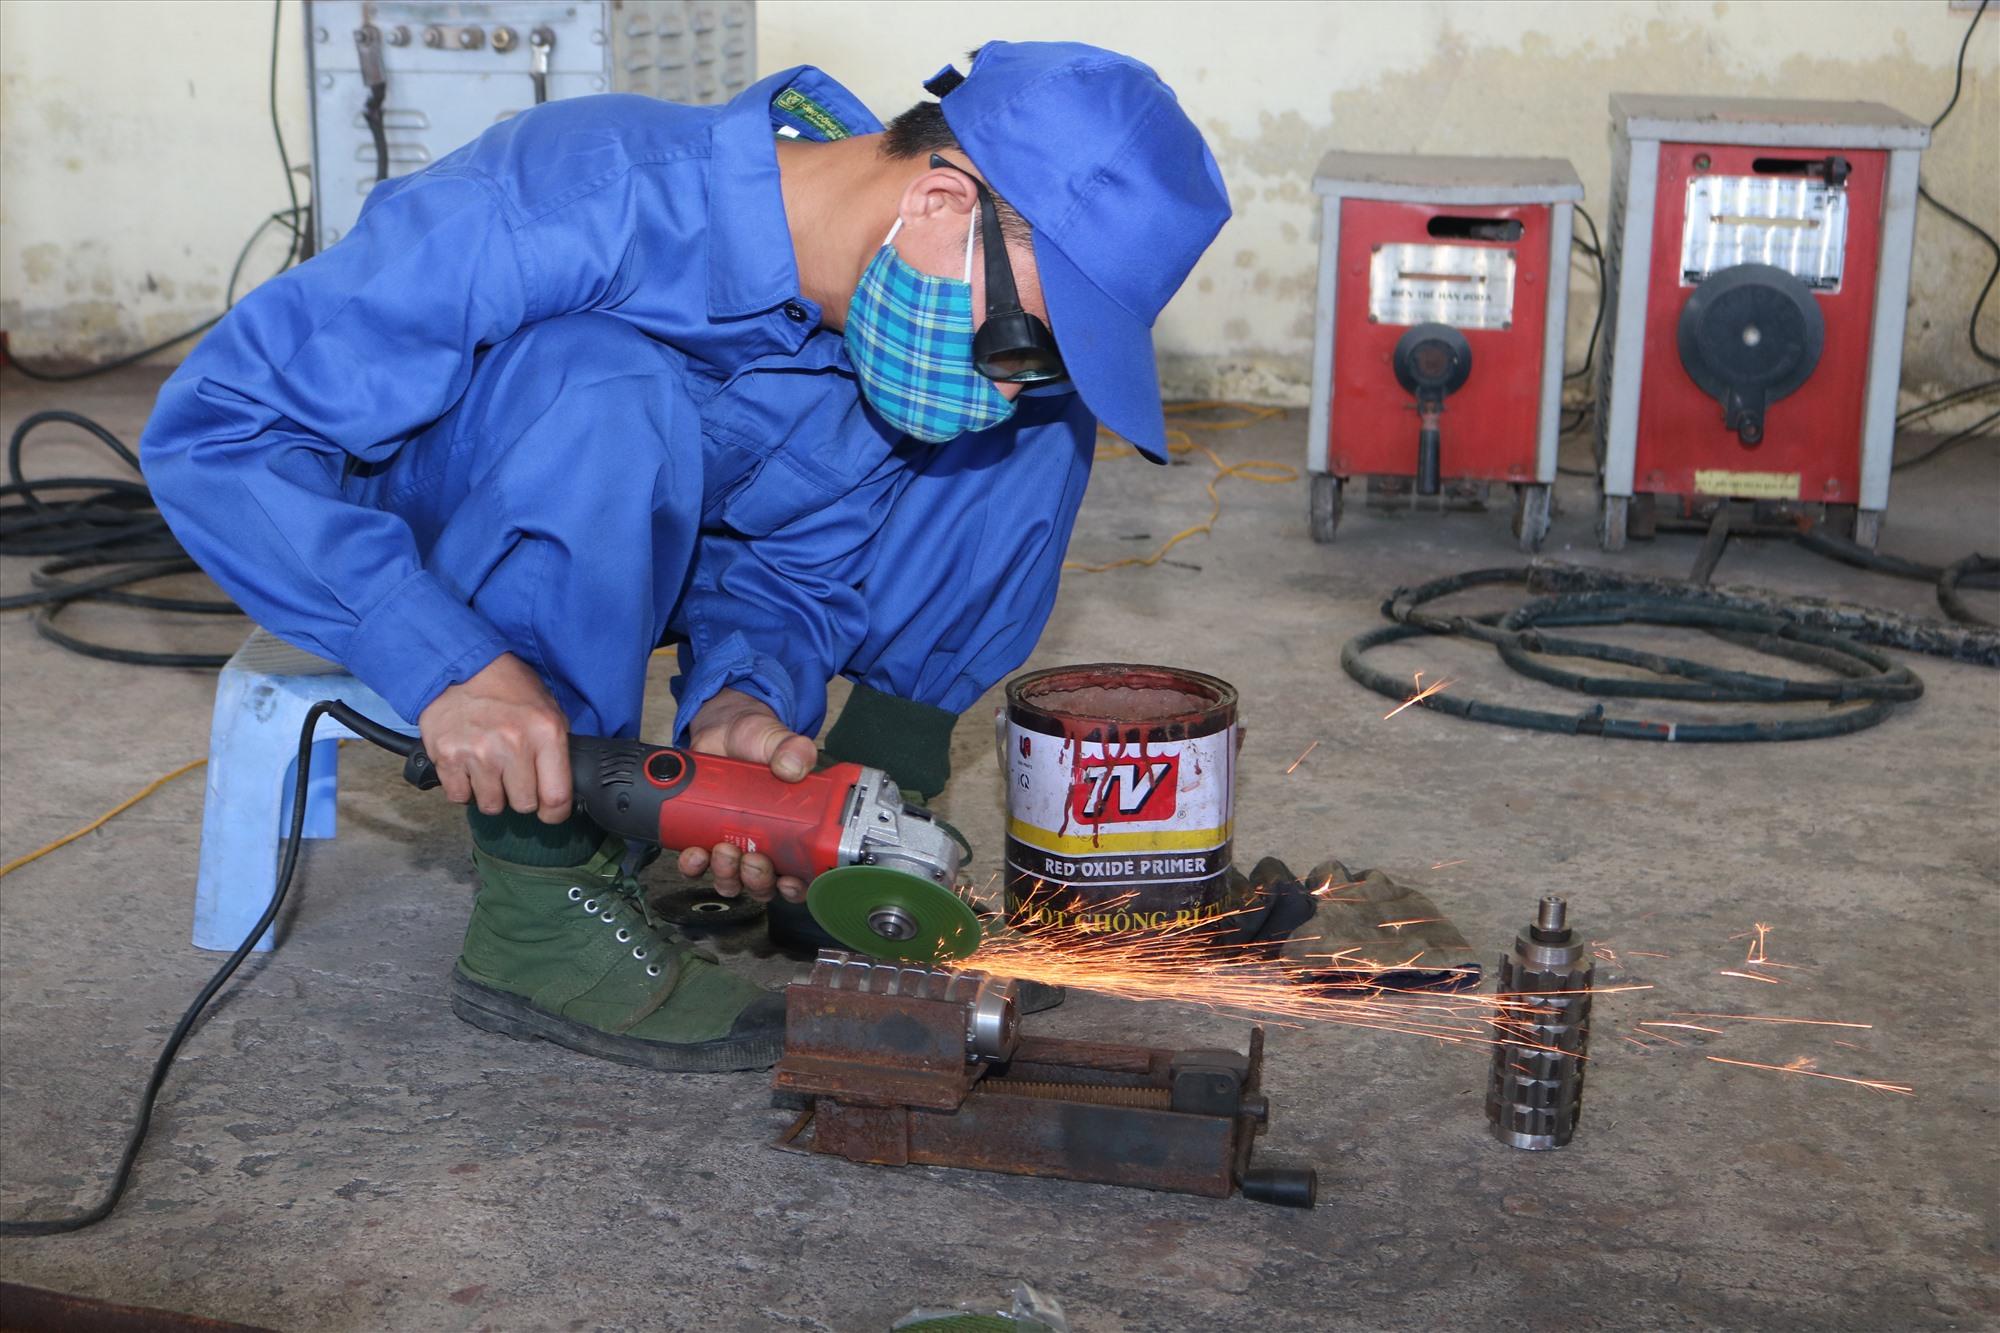 Nhân viên Đại đội Sửa chữa 26 gia công vỏ mìn POMZ-2. Ảnh: V.H